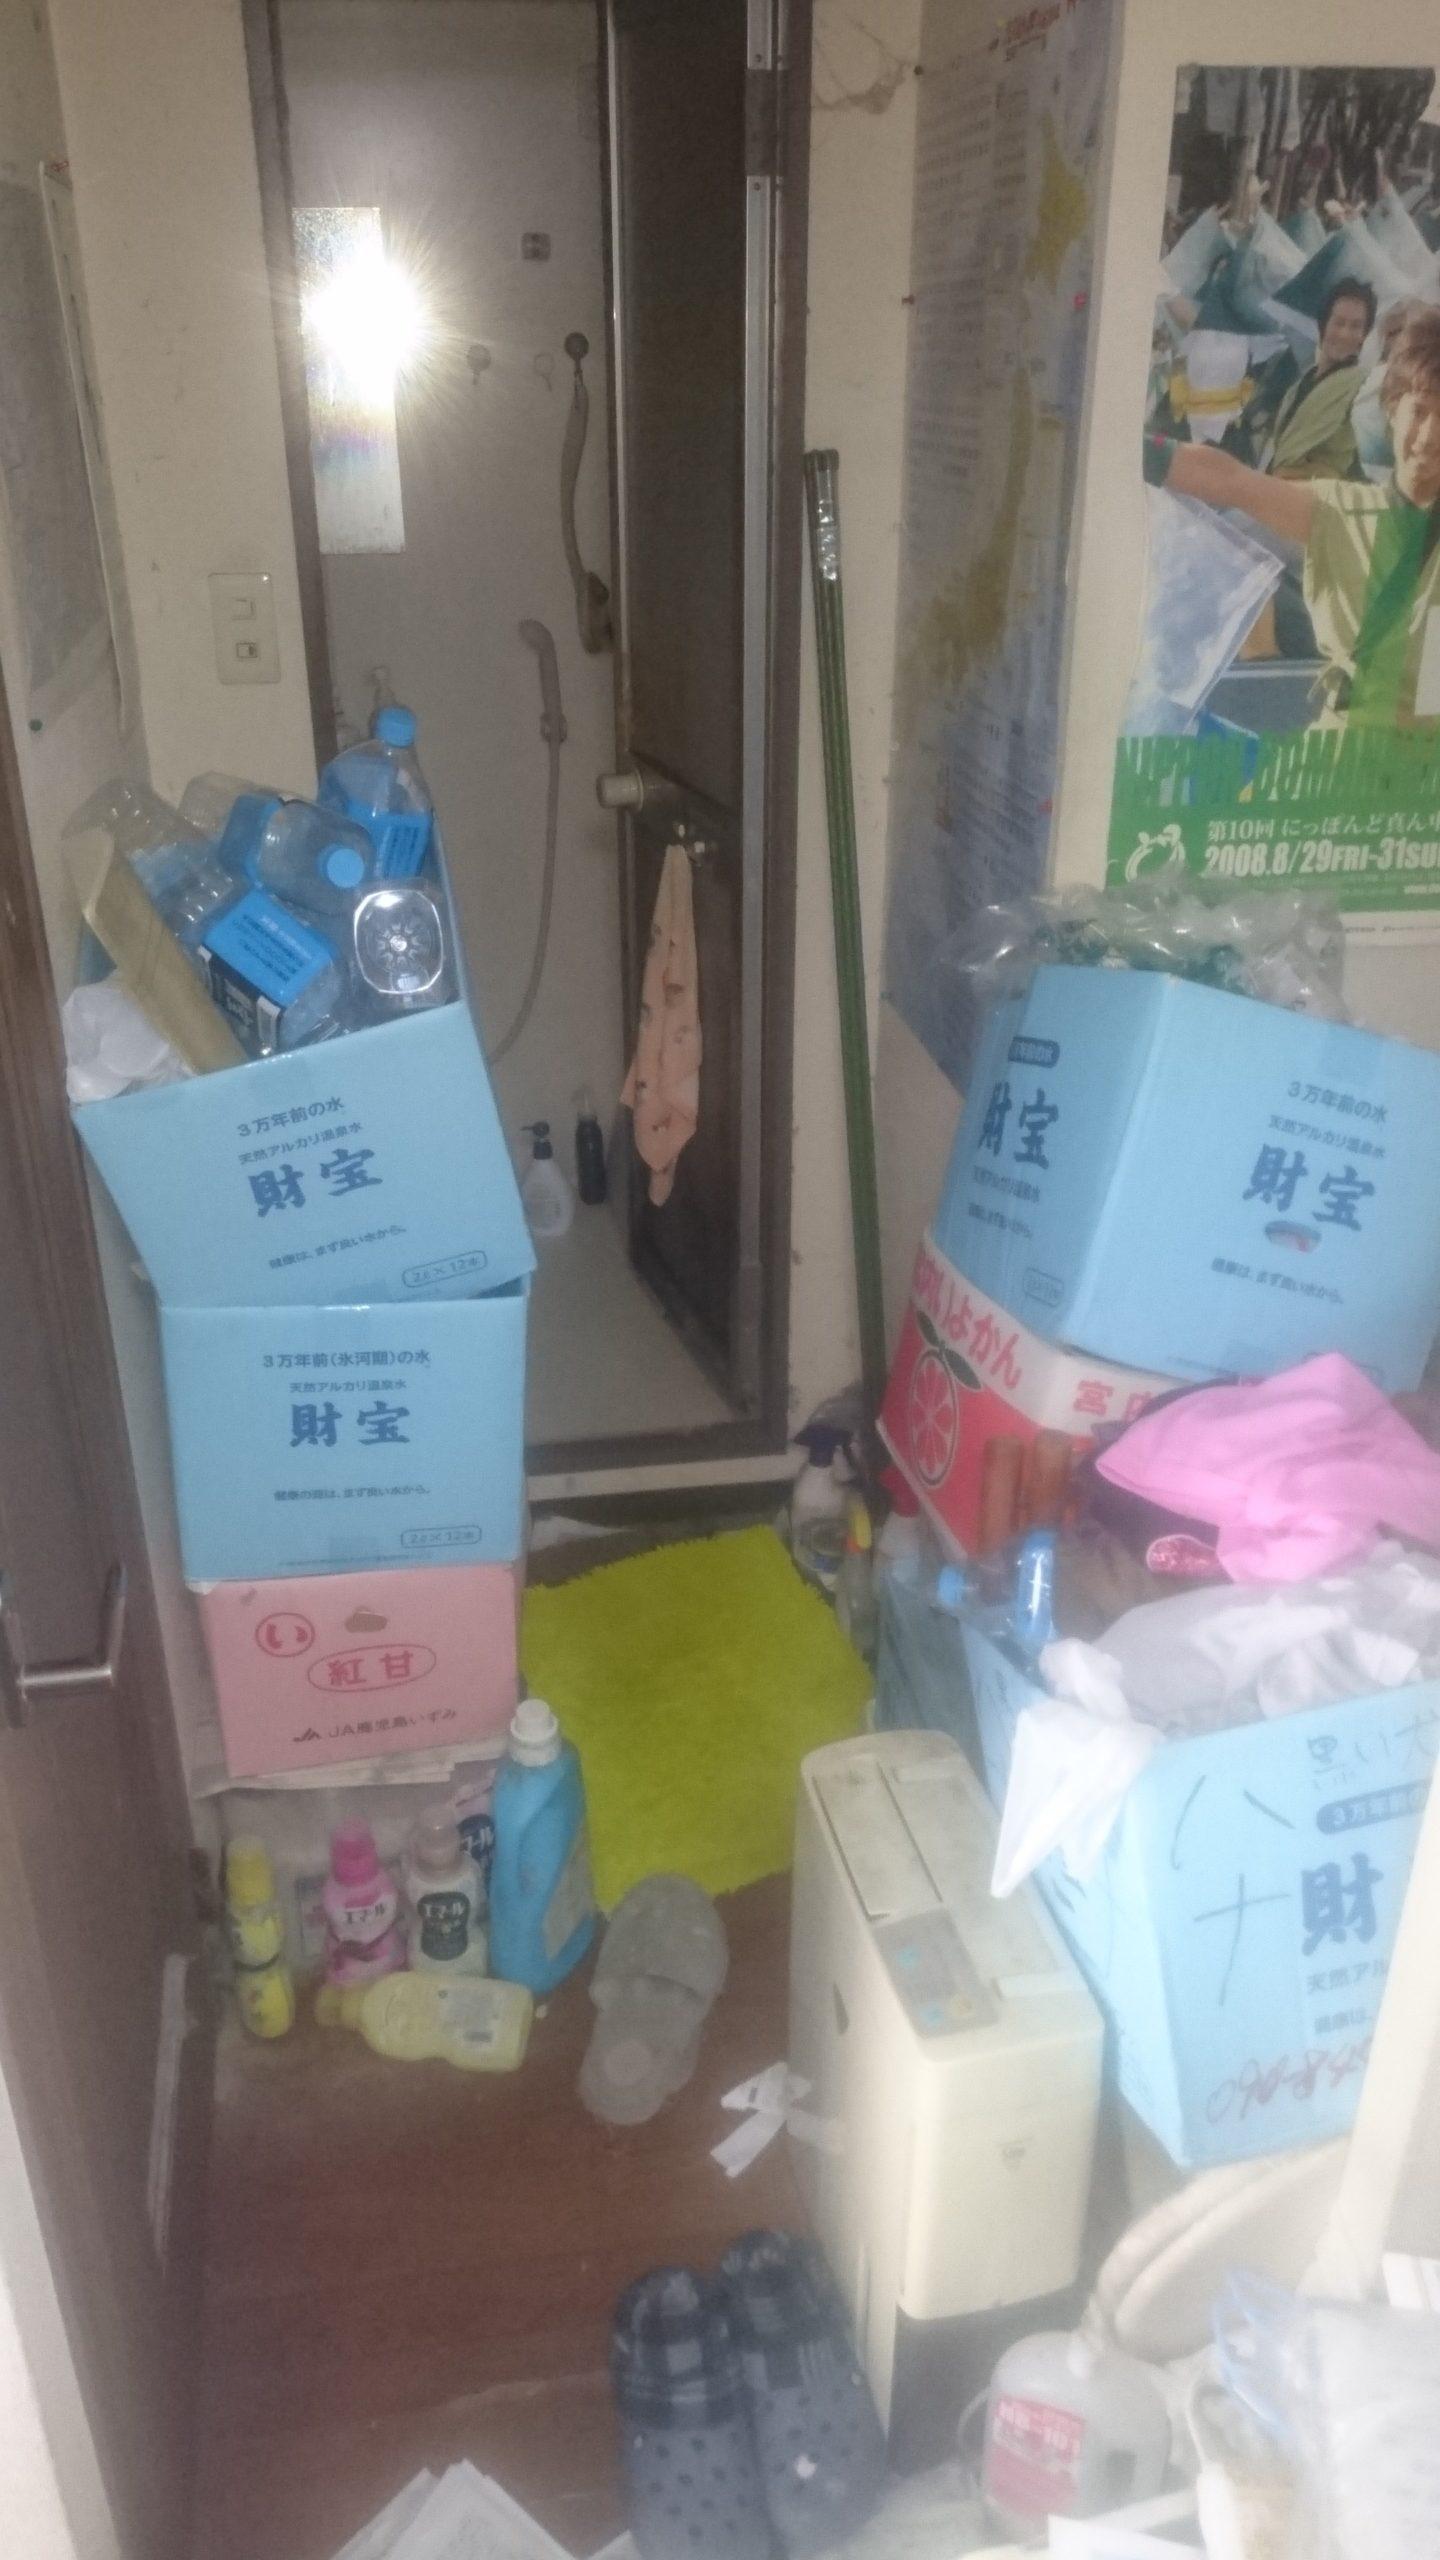 【愛知県名古屋市緑区】洗面所まわりの不用品の回収